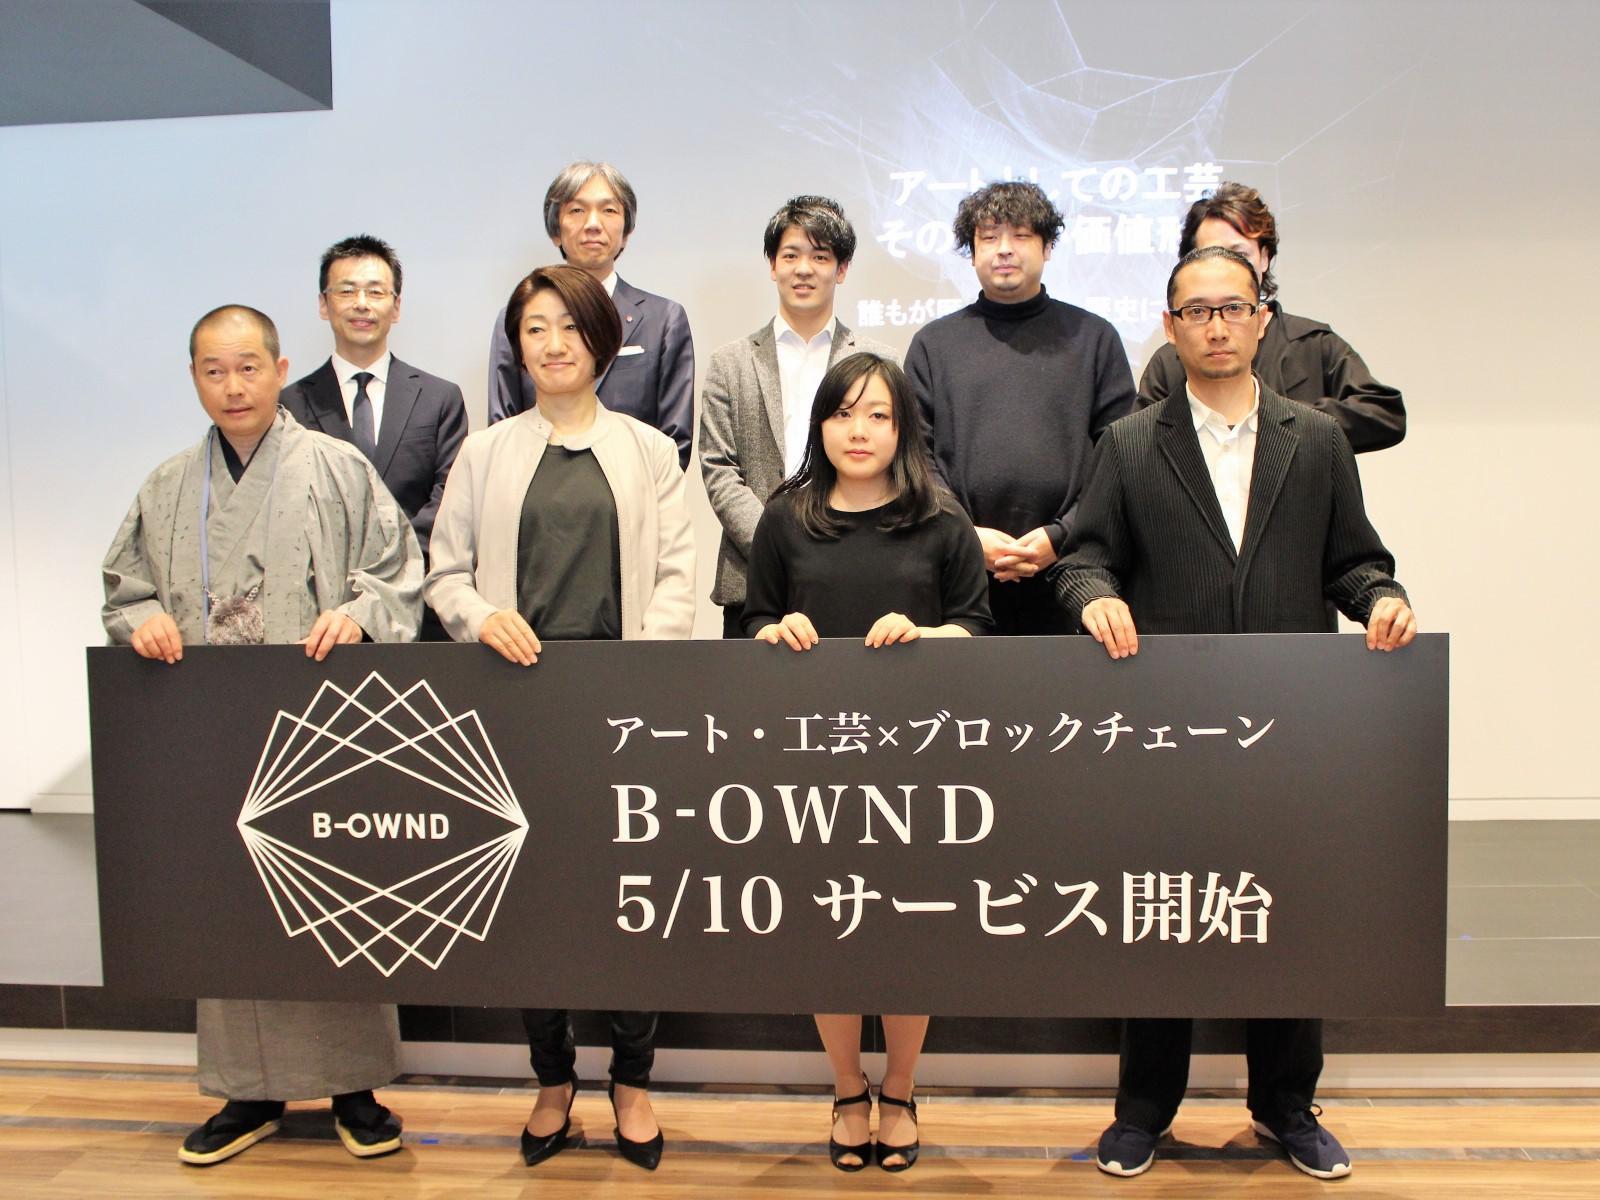 ブロックチェーン採用のアートプラットフォーム「B-OWND」がサービス開始